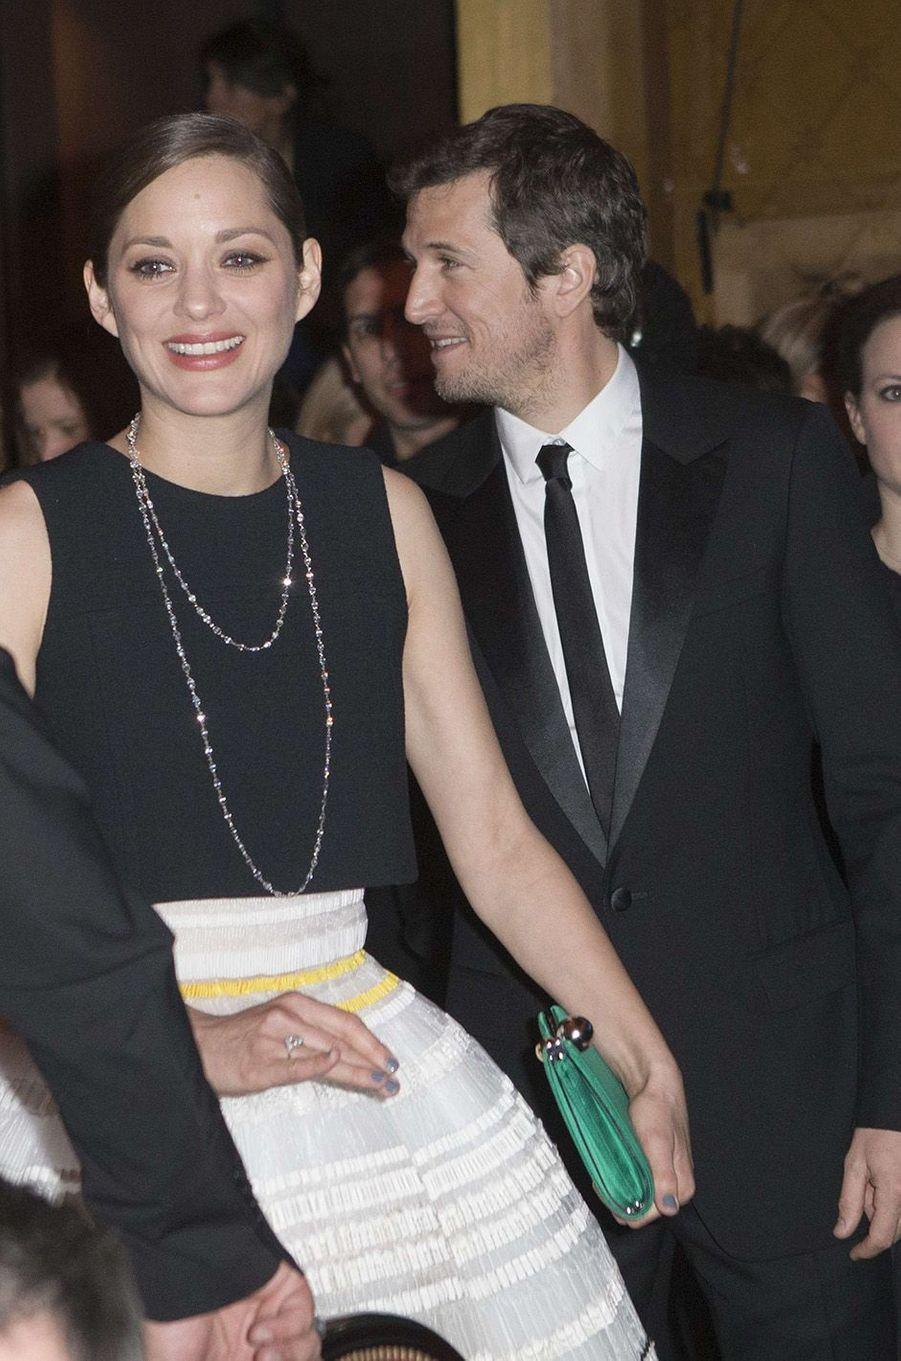 Marion Cotillard et Guillaume Canet à la cérémonie des Césars en 2015.